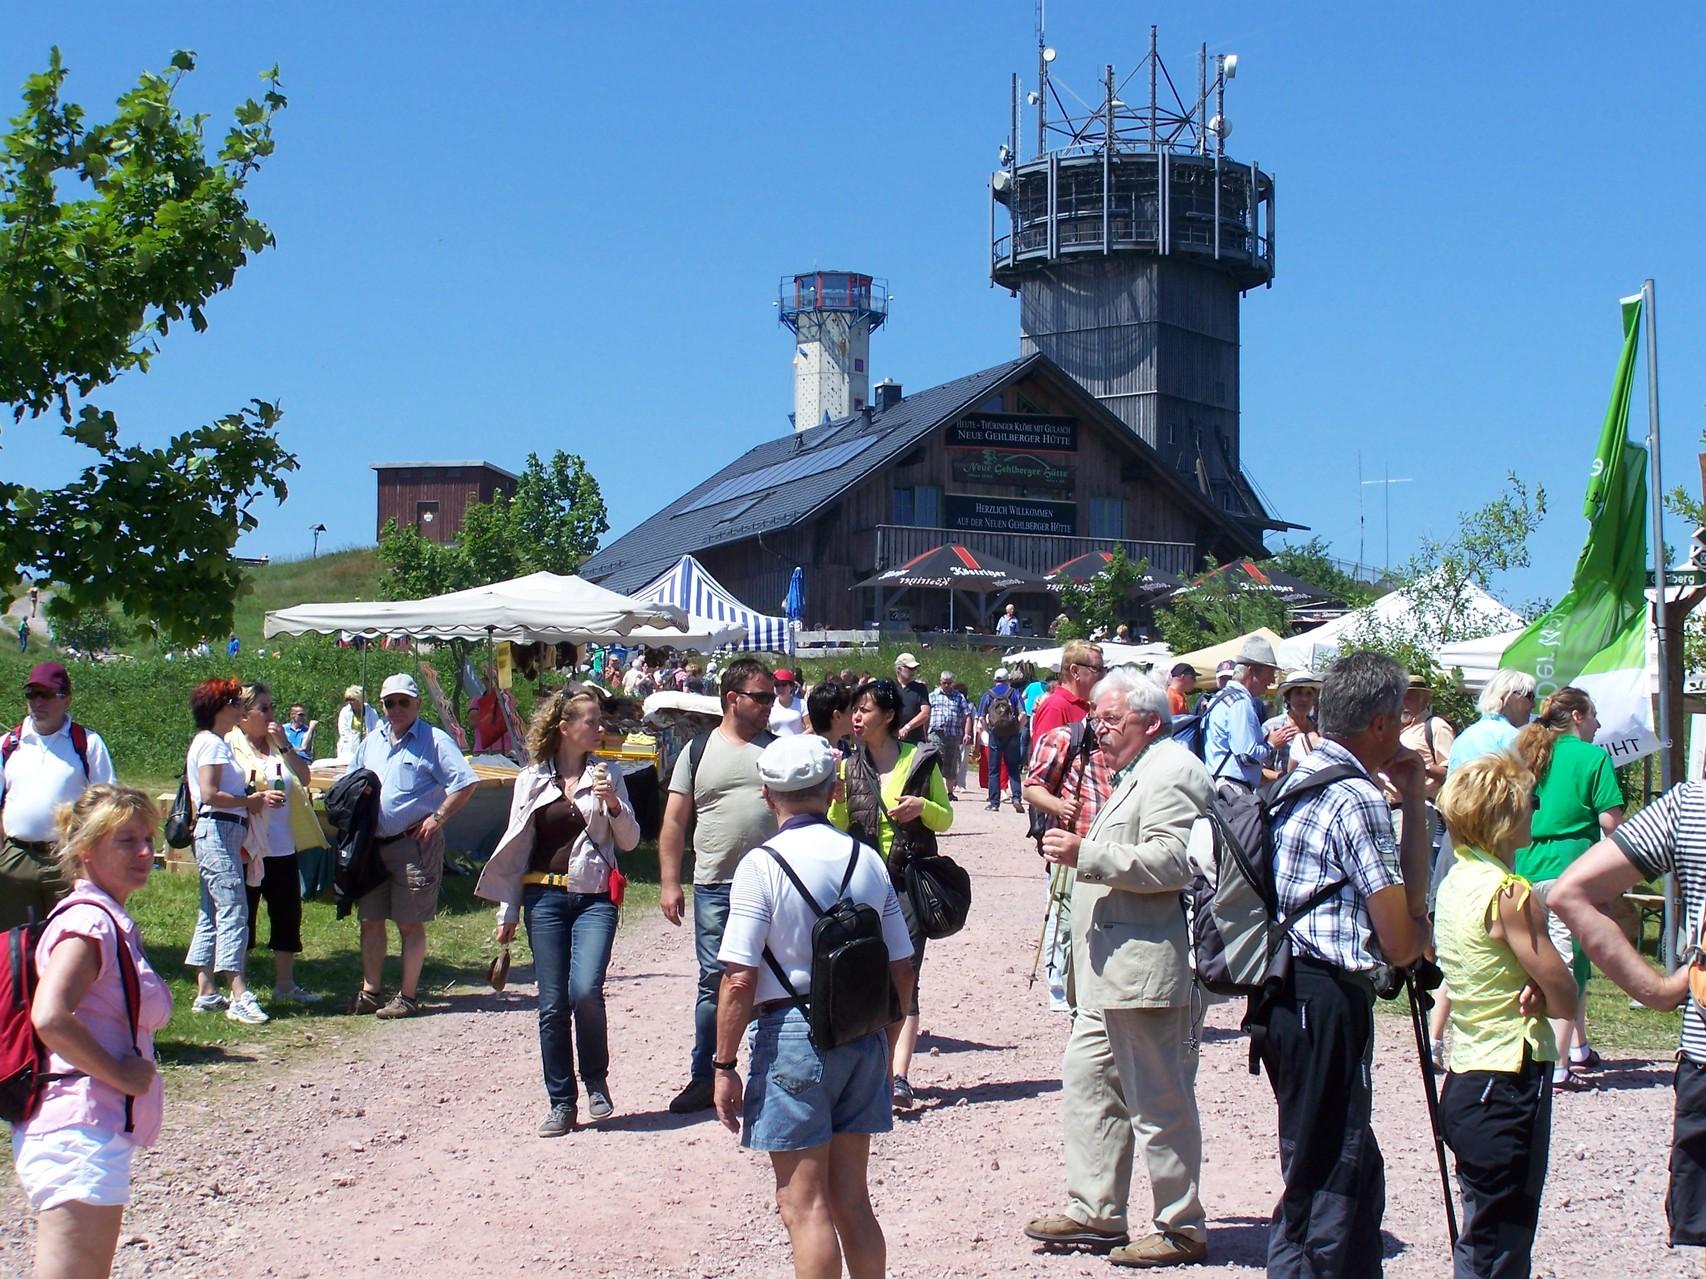 Neue Gehlberger Hütte, im Hintergrund der Aussichtsturm auf dem Schneekopf